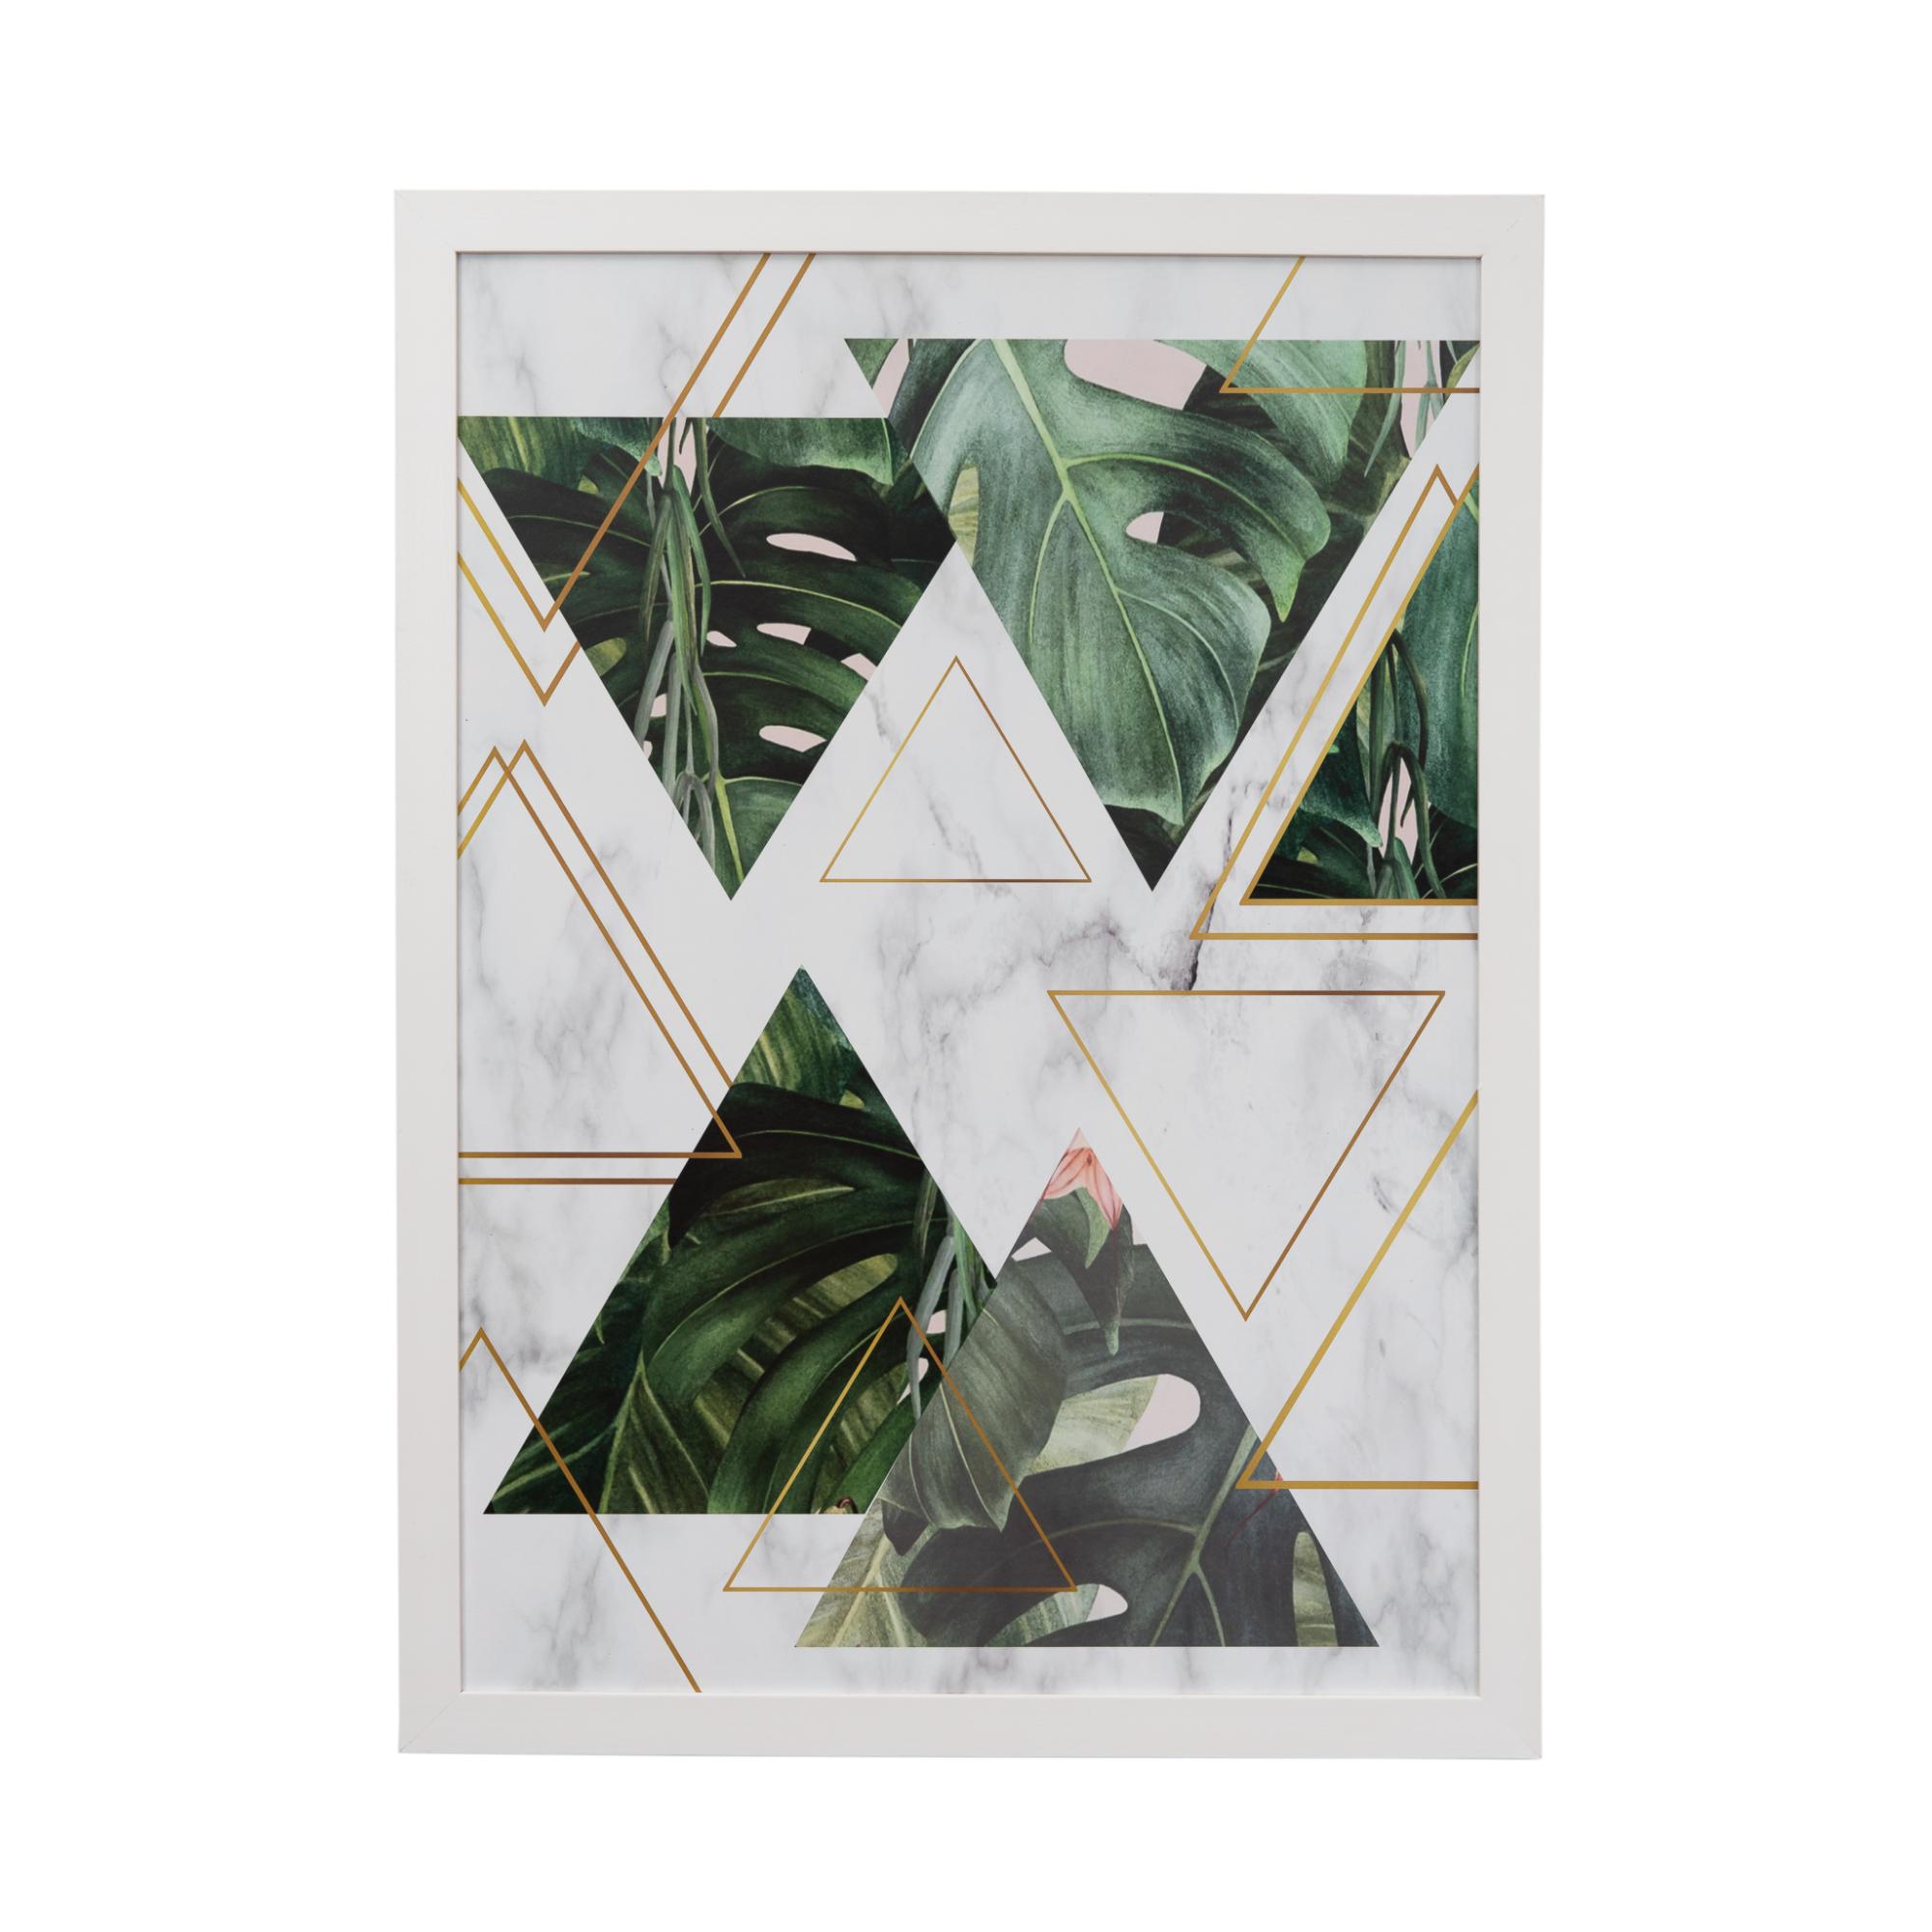 Quadro Decorativo 50x70 cm Geometrico 9055 - Art Frame